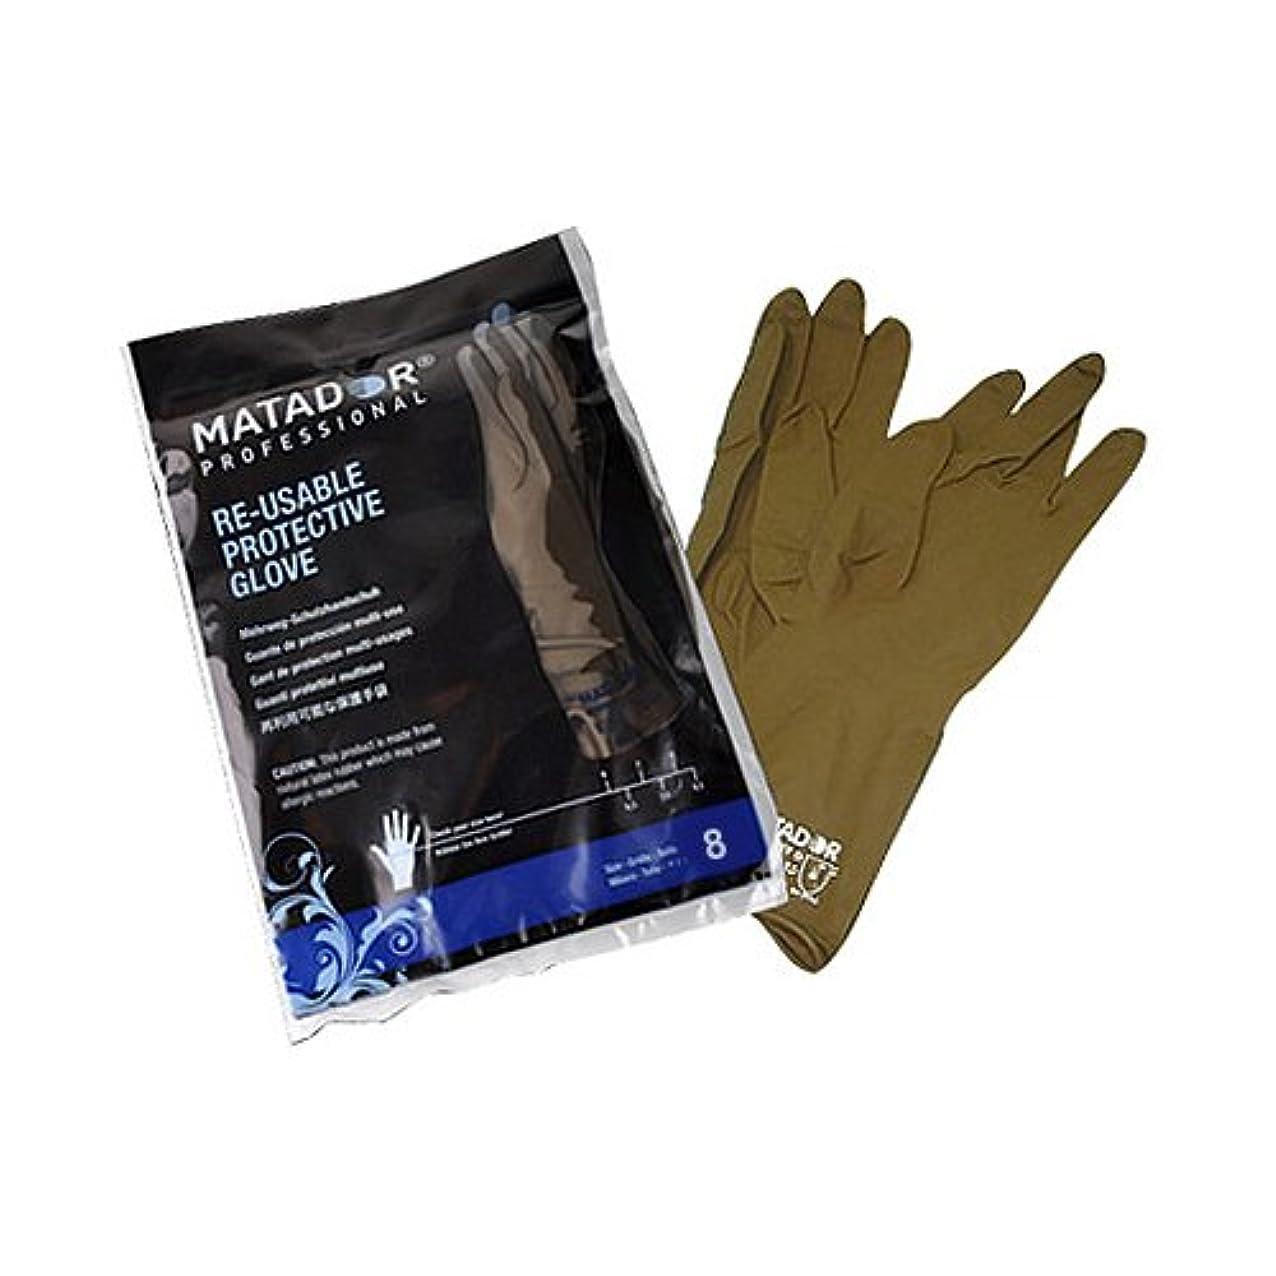 性能紀元前誰マタドールゴム手袋 8.0吋 【5個セット】